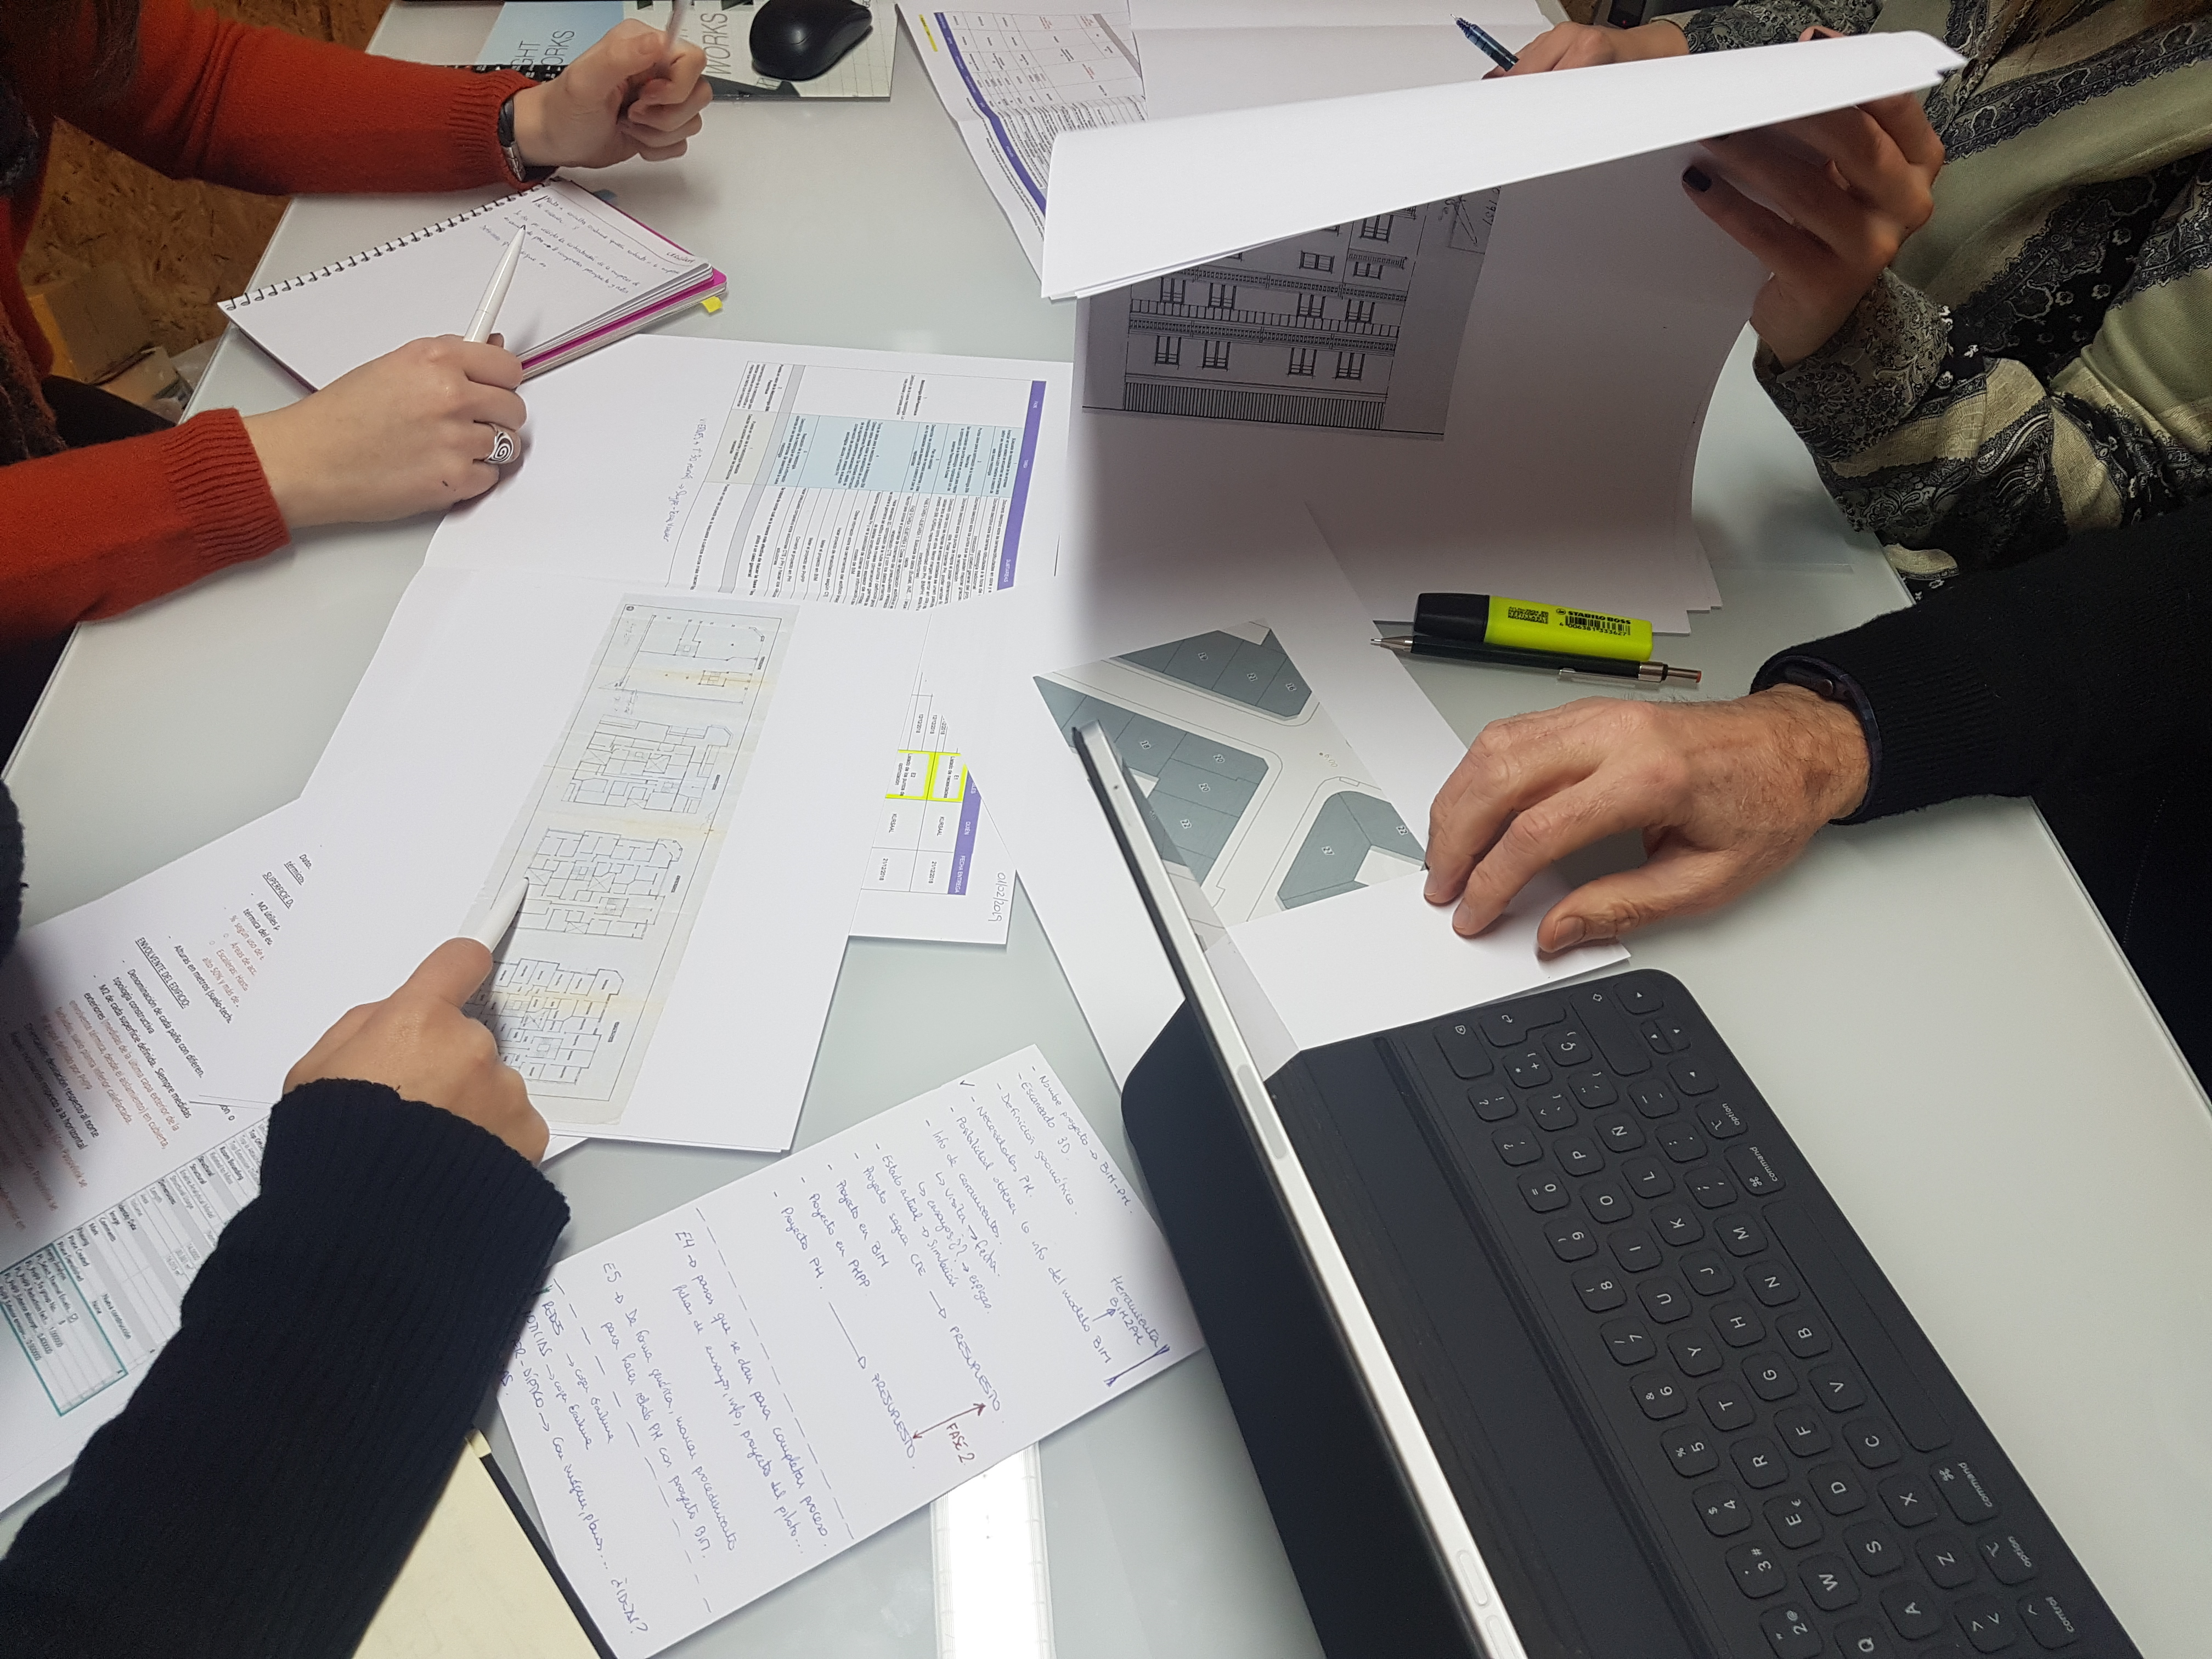 foto noticia: Termina el proyecto BIM-Passivehouse que lidera Kursaal y en el que también participan FRL Arquitectos y Eraikune